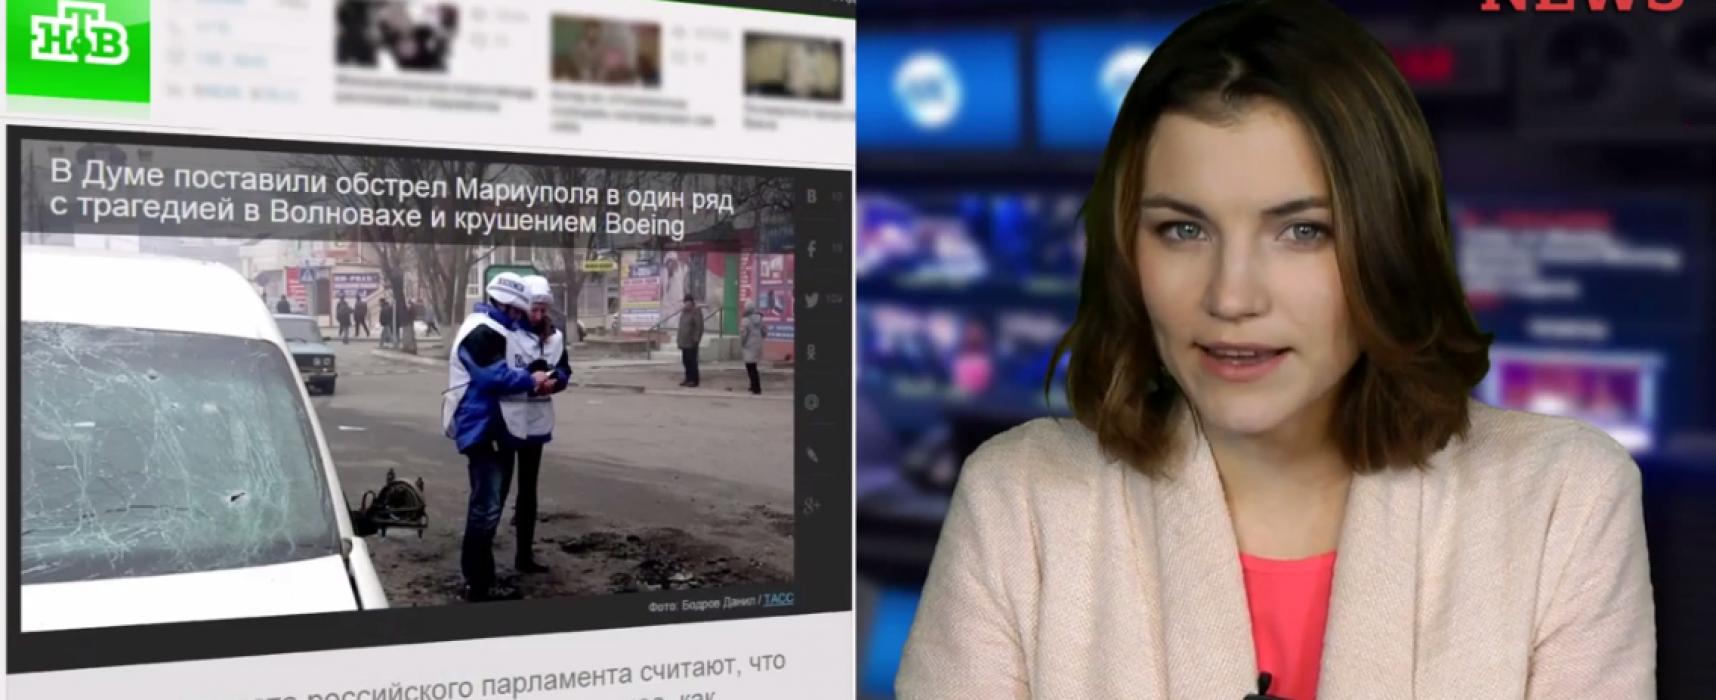 Видеодайджест StopFakeNews #45. Обстрел Мариуполя, Черное море и укры